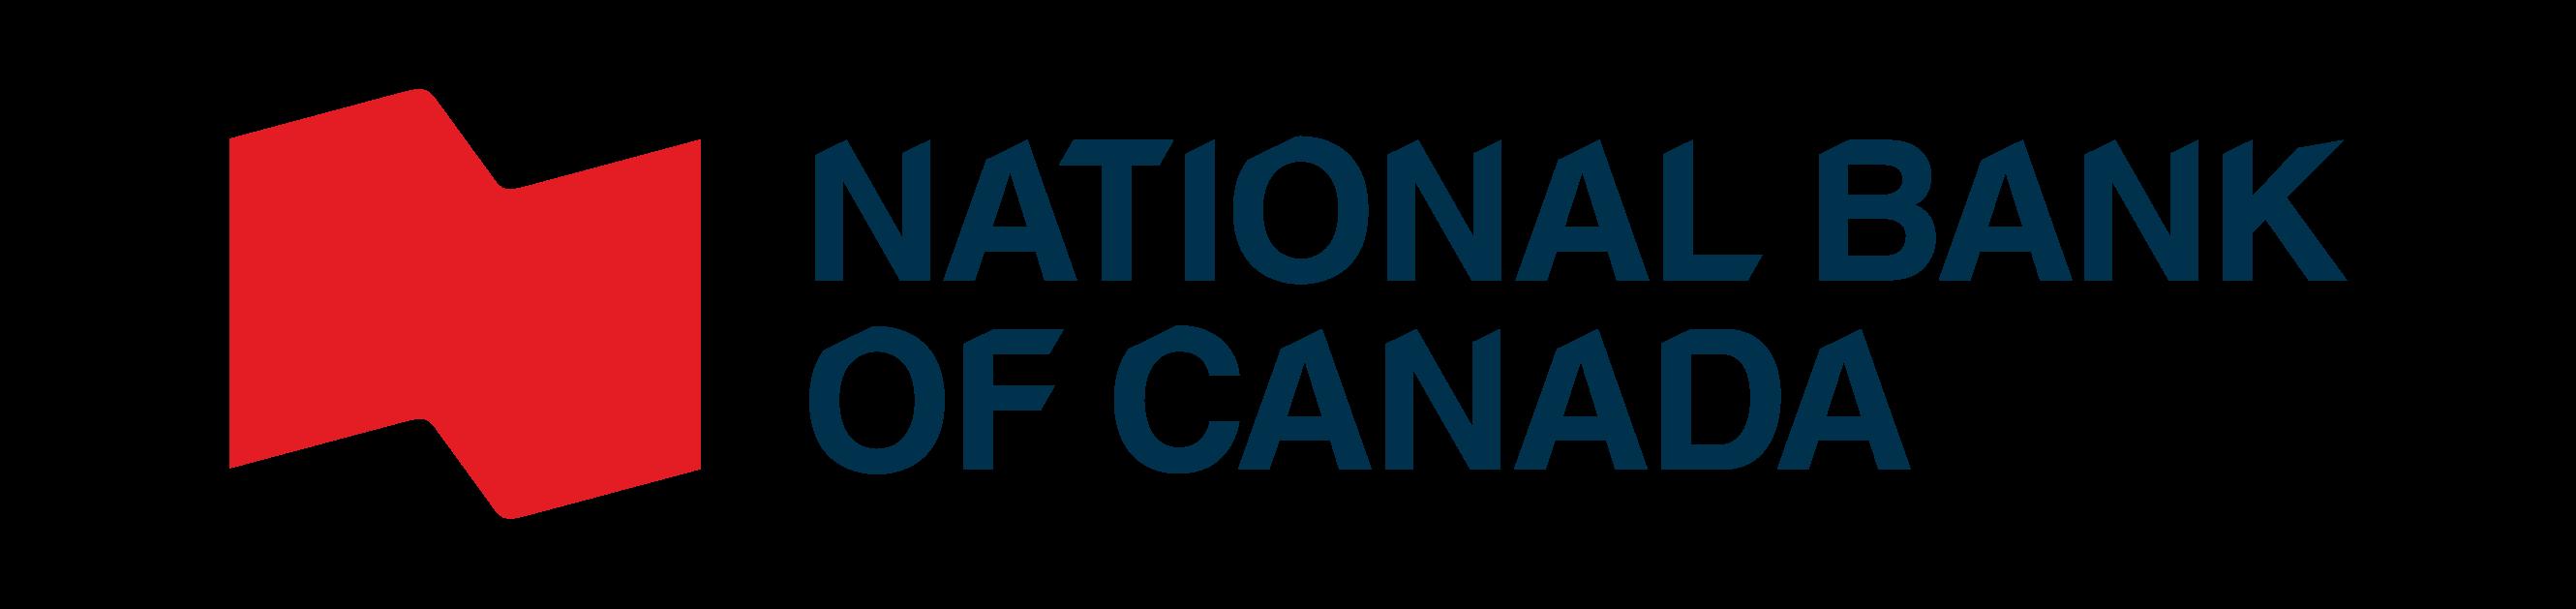 加拿大国家银行徽标